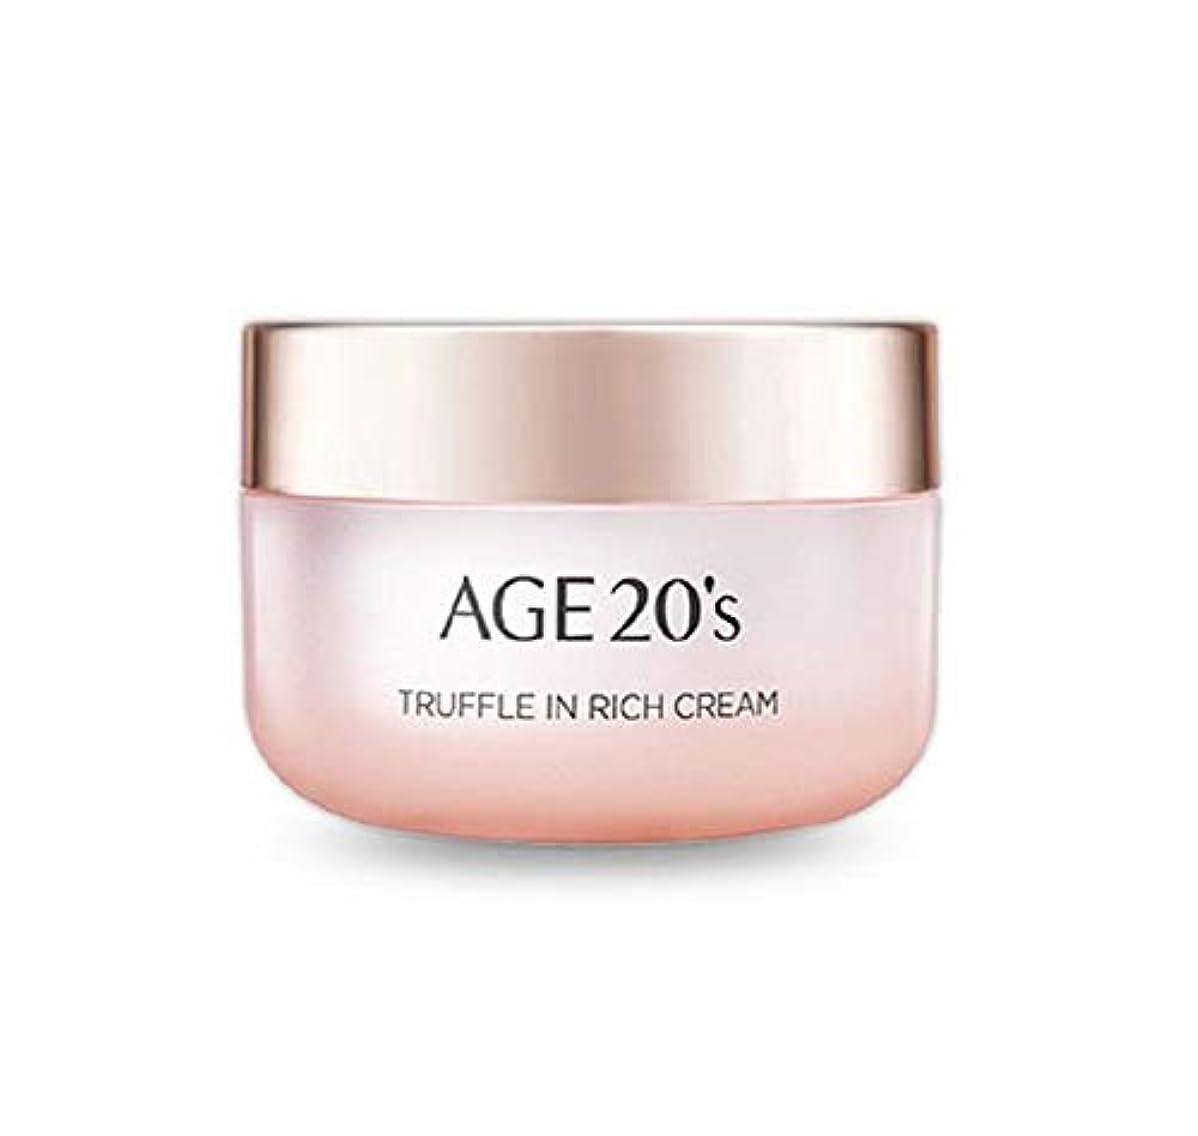 委員長平らにする非効率的なエイジトゥエンティスAge20's 韓国コスメ トリュフリッチ クリーム 50g 海外直送品 Truffle in rich Cream [並行輸入品]